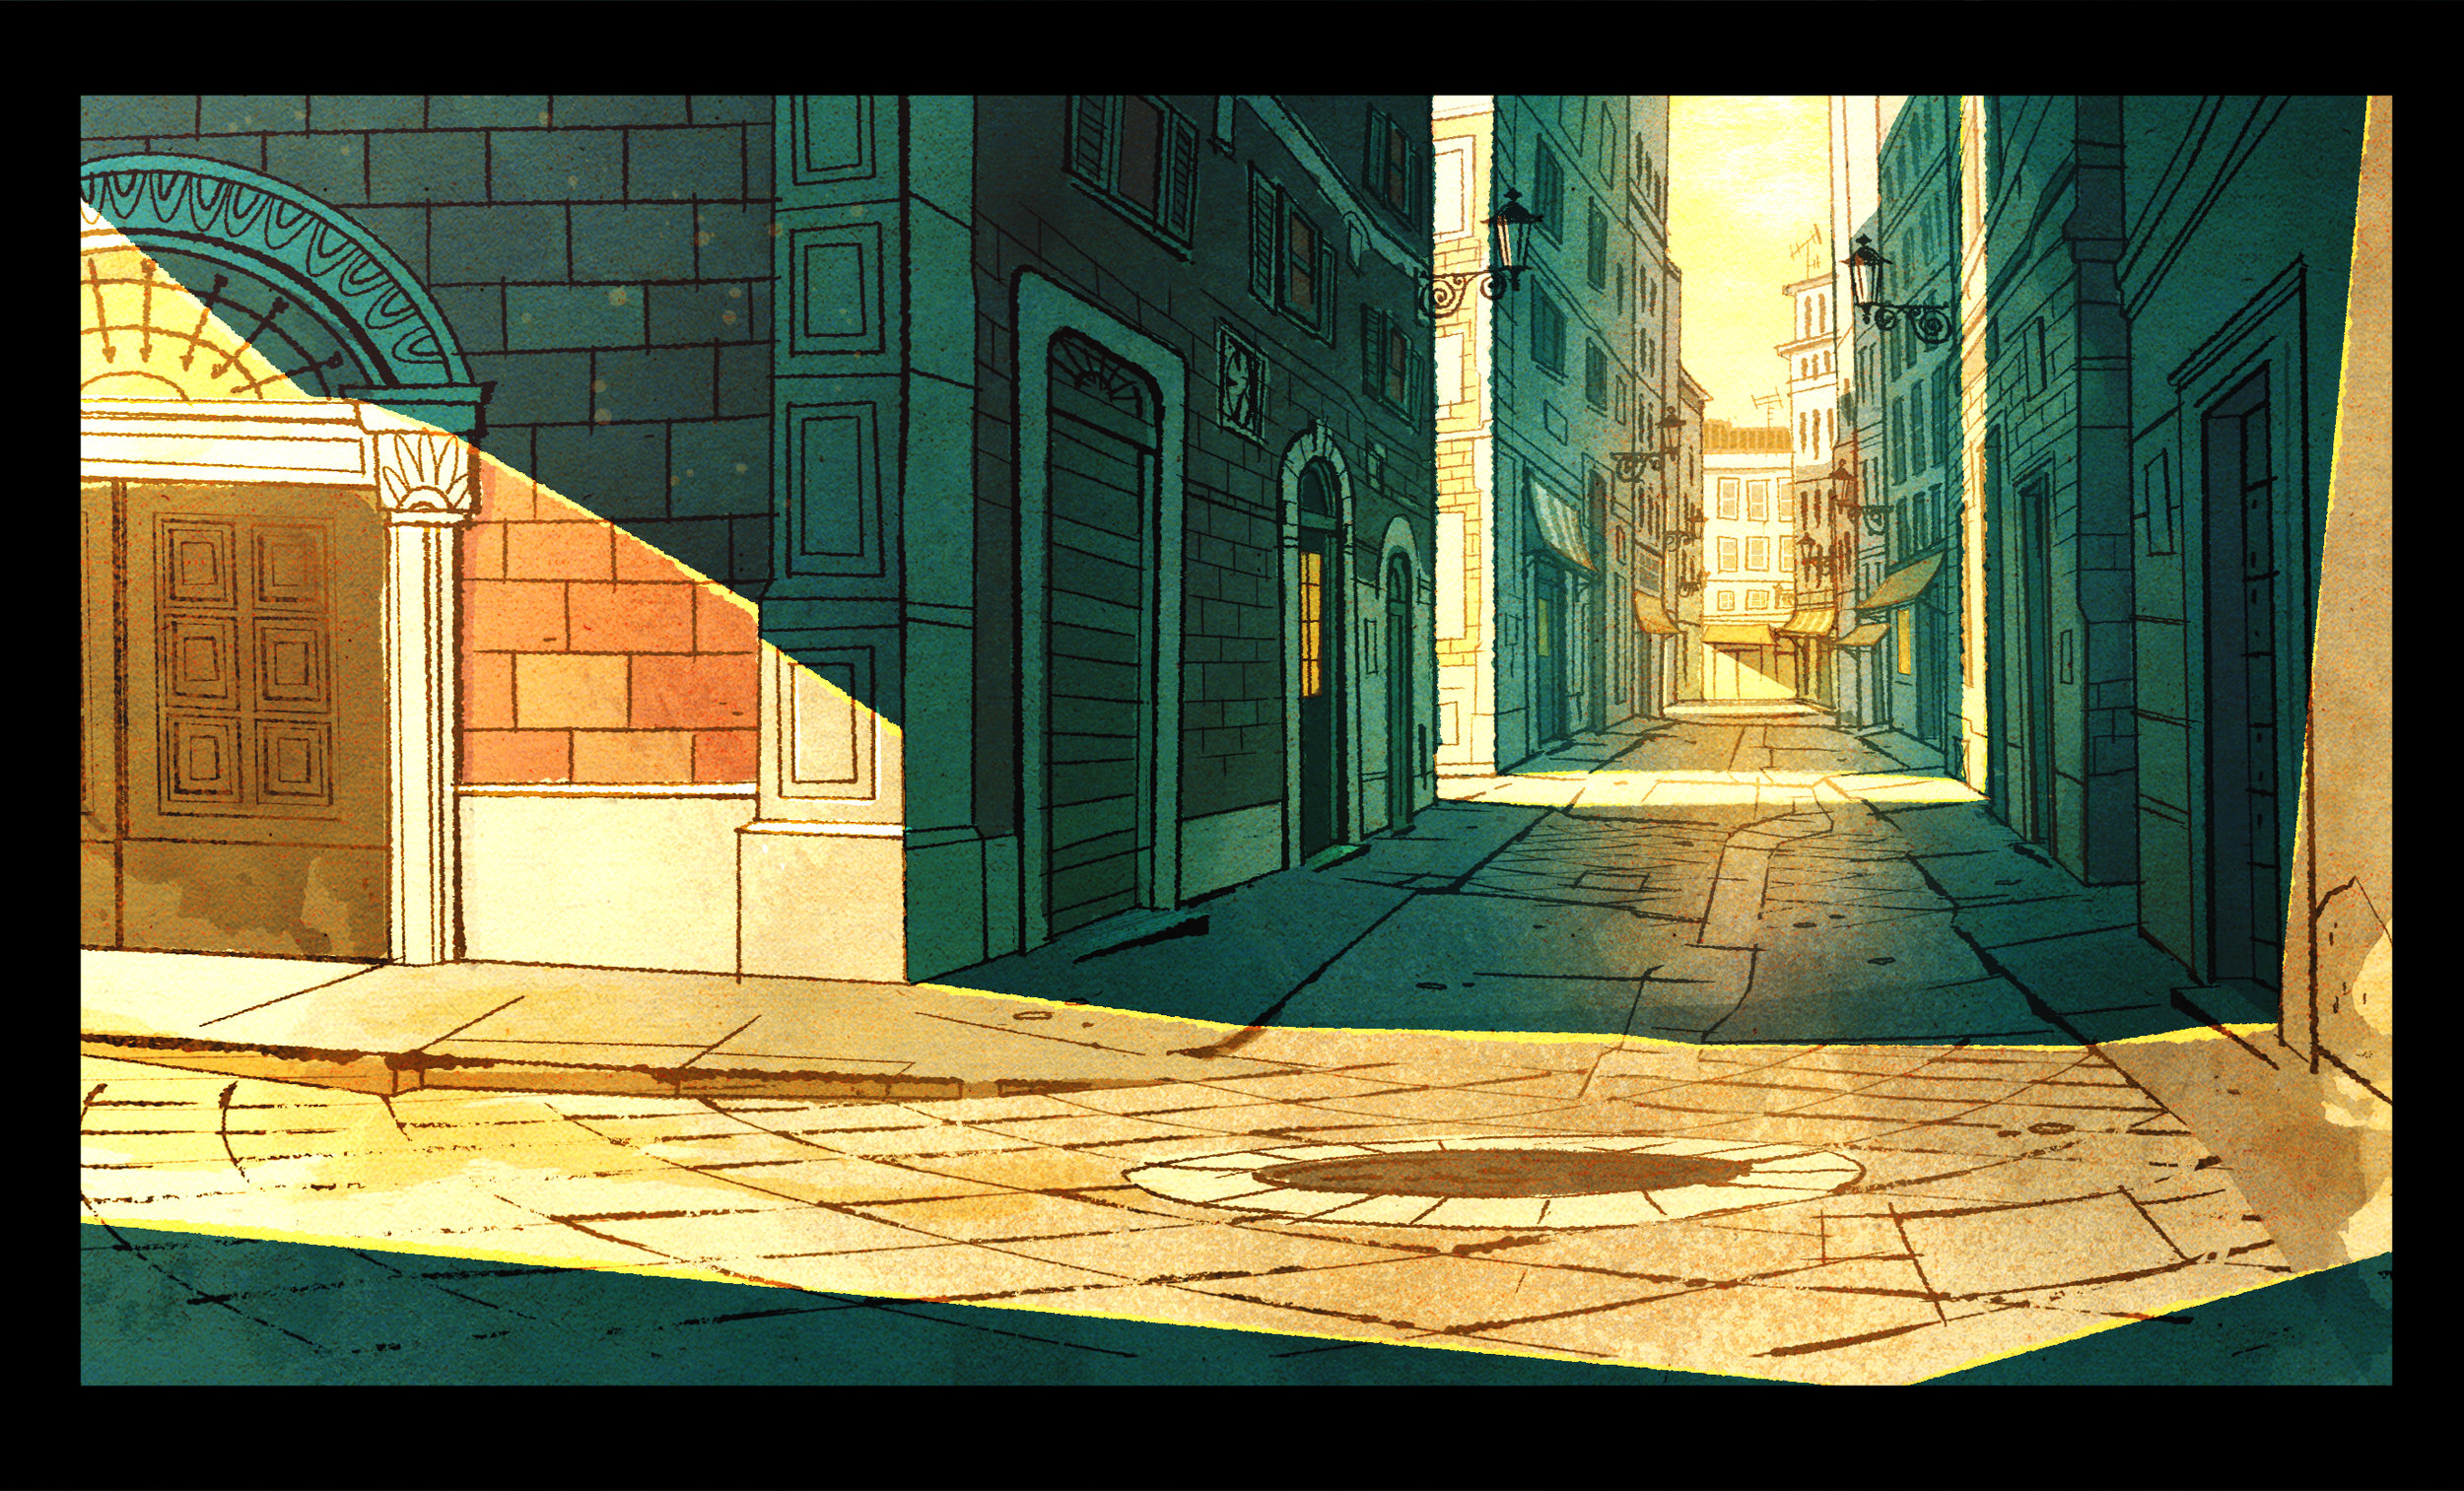 482M_503Sc10_Rome_Street_Towards_Market_REVISED.jpg